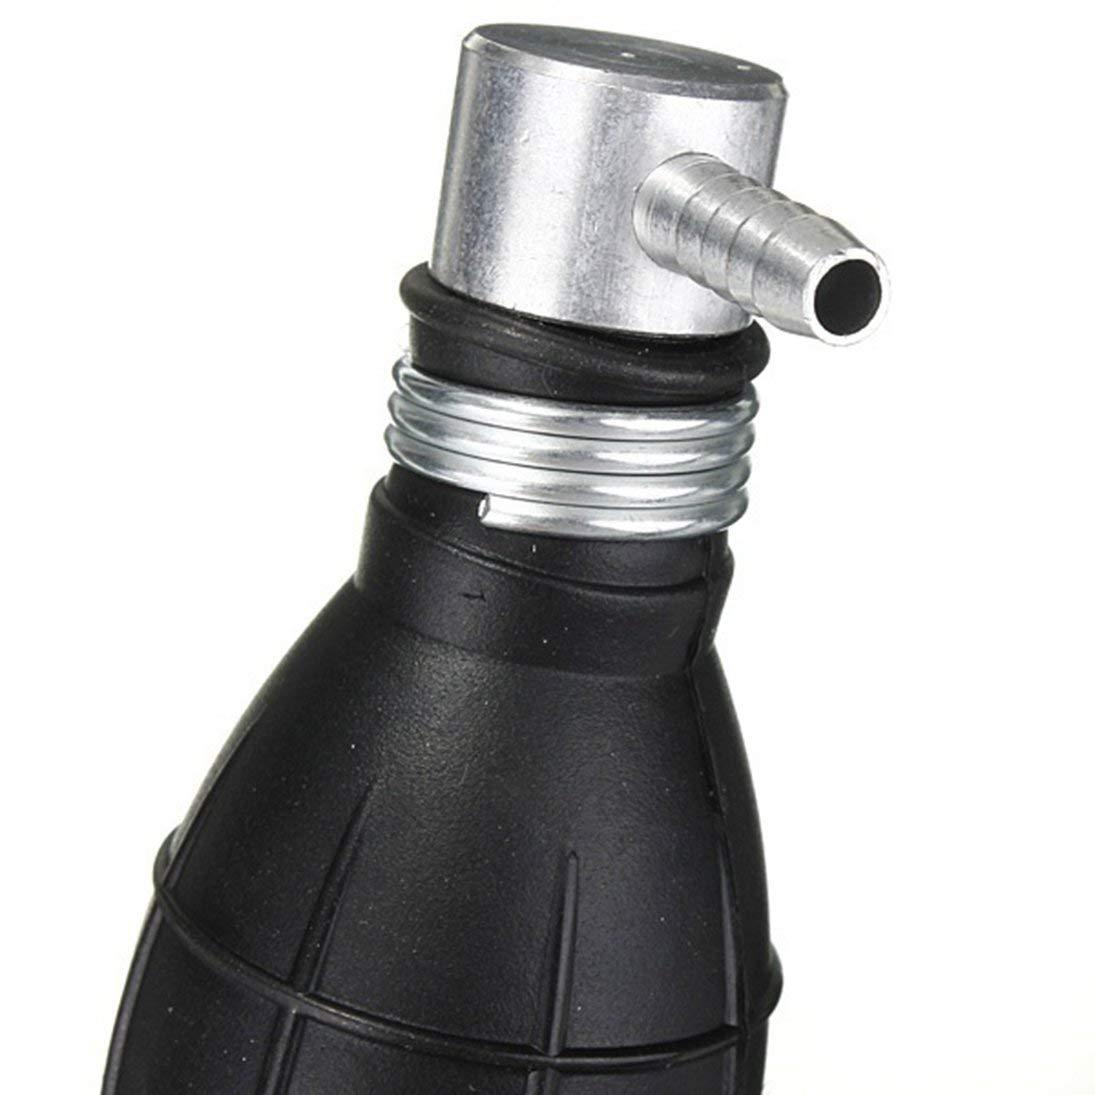 12mm Transfert en Caoutchouc Noir Carburant Vide Ligne de Carburant Primaire Main Type dampoule Pompe pour Bateaux Tracteurs /& amp; amp; Moteur de Voitures 6//8//10